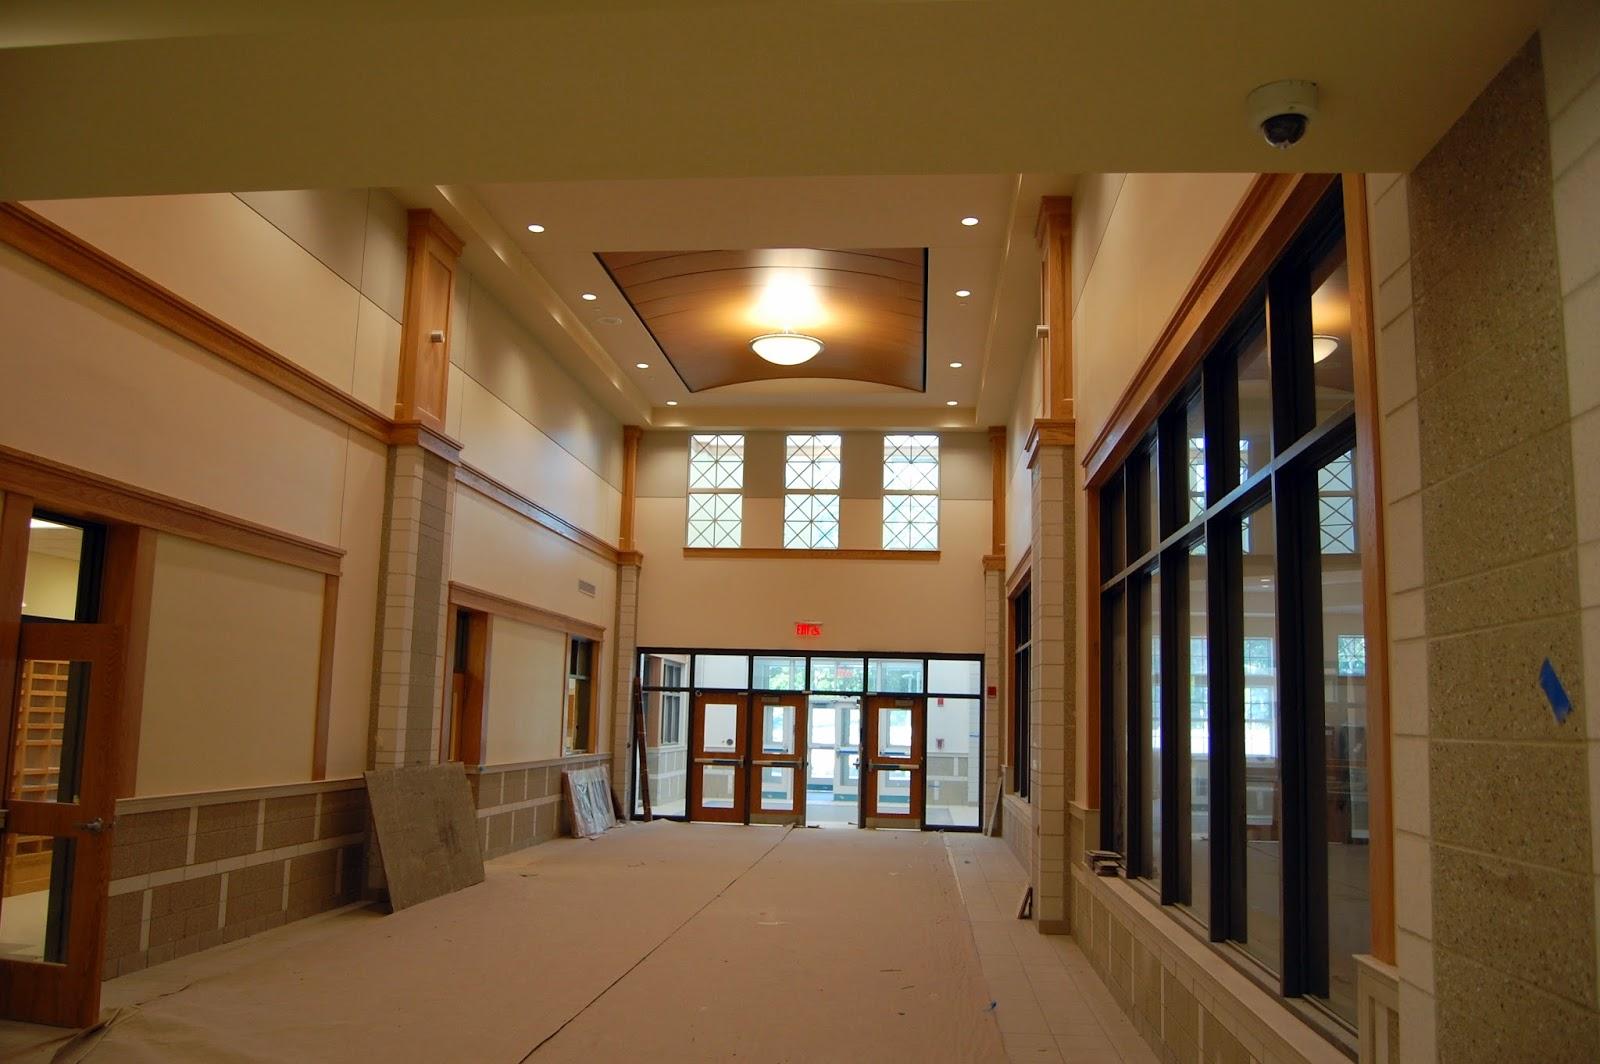 Main entrance corridor - Corridor entrance ...